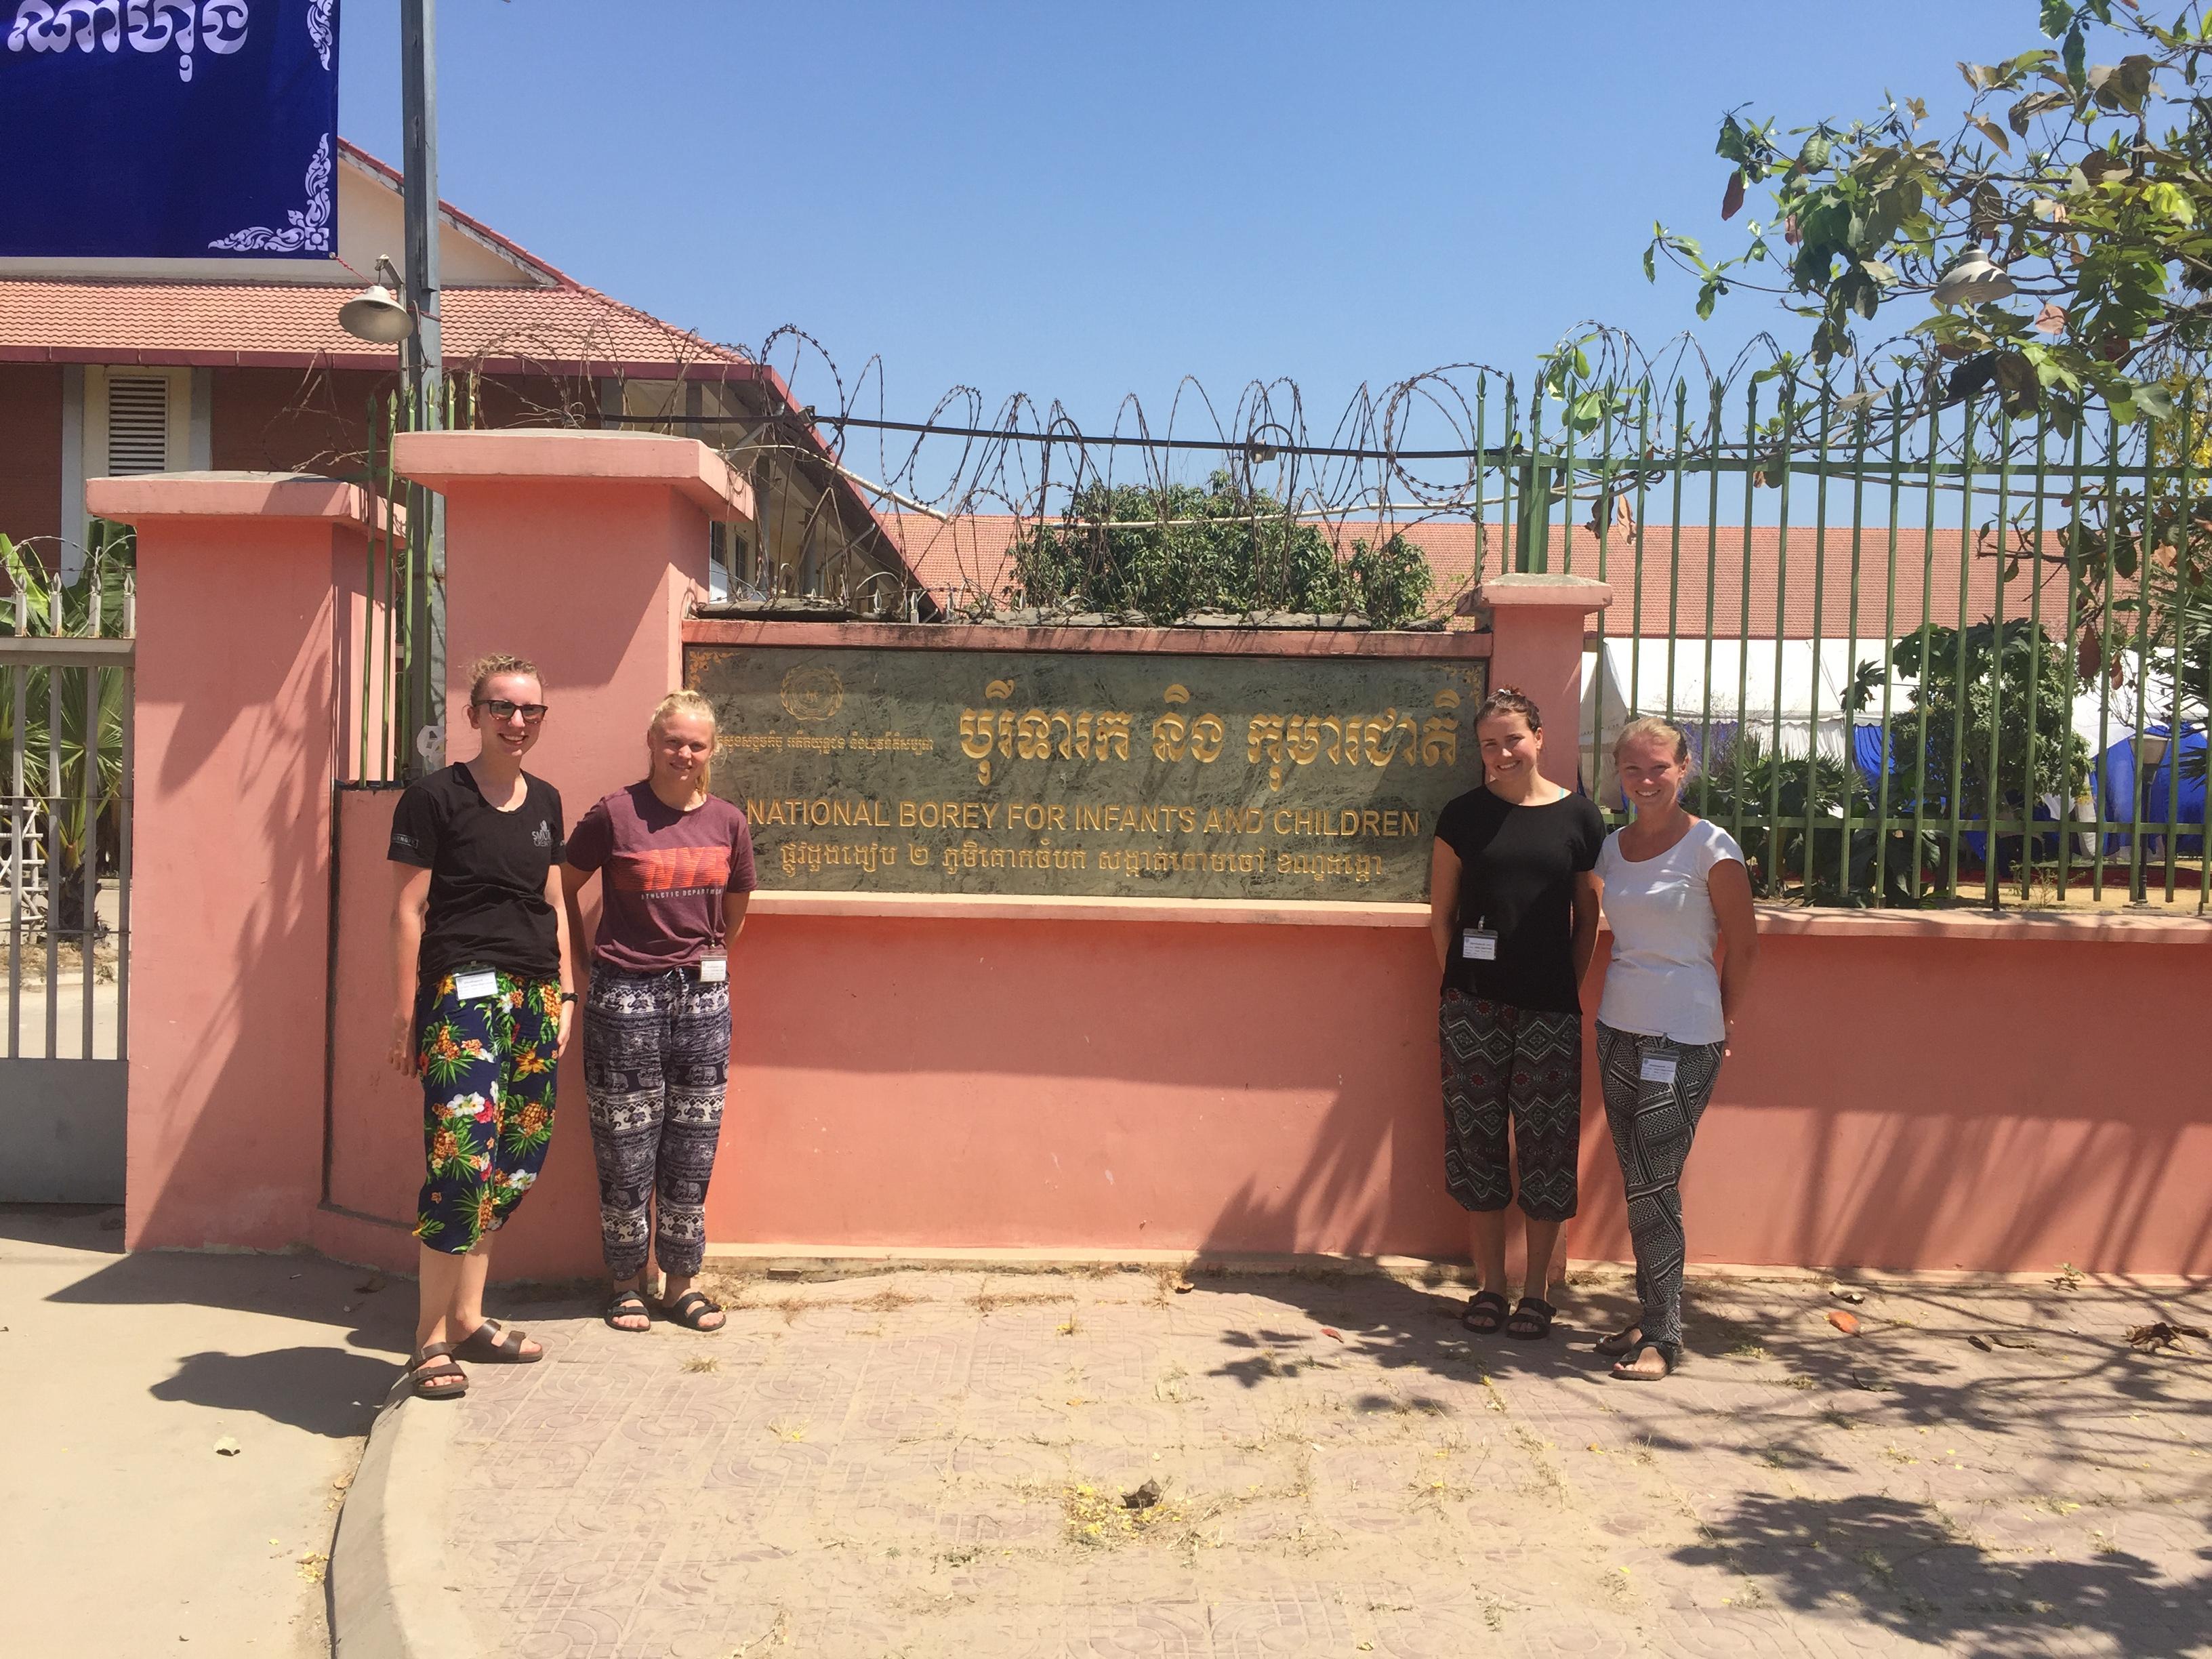 Fire ergoterapeutstuderende har været i praktik i Cambodja. Her blev observation et vigtigt redskab, og de blev kloge på kropssprog. Fra venstre: Emma Villsen, Cecilie Lybker, Mette Jasykiewicz og Monica Leisgaard.